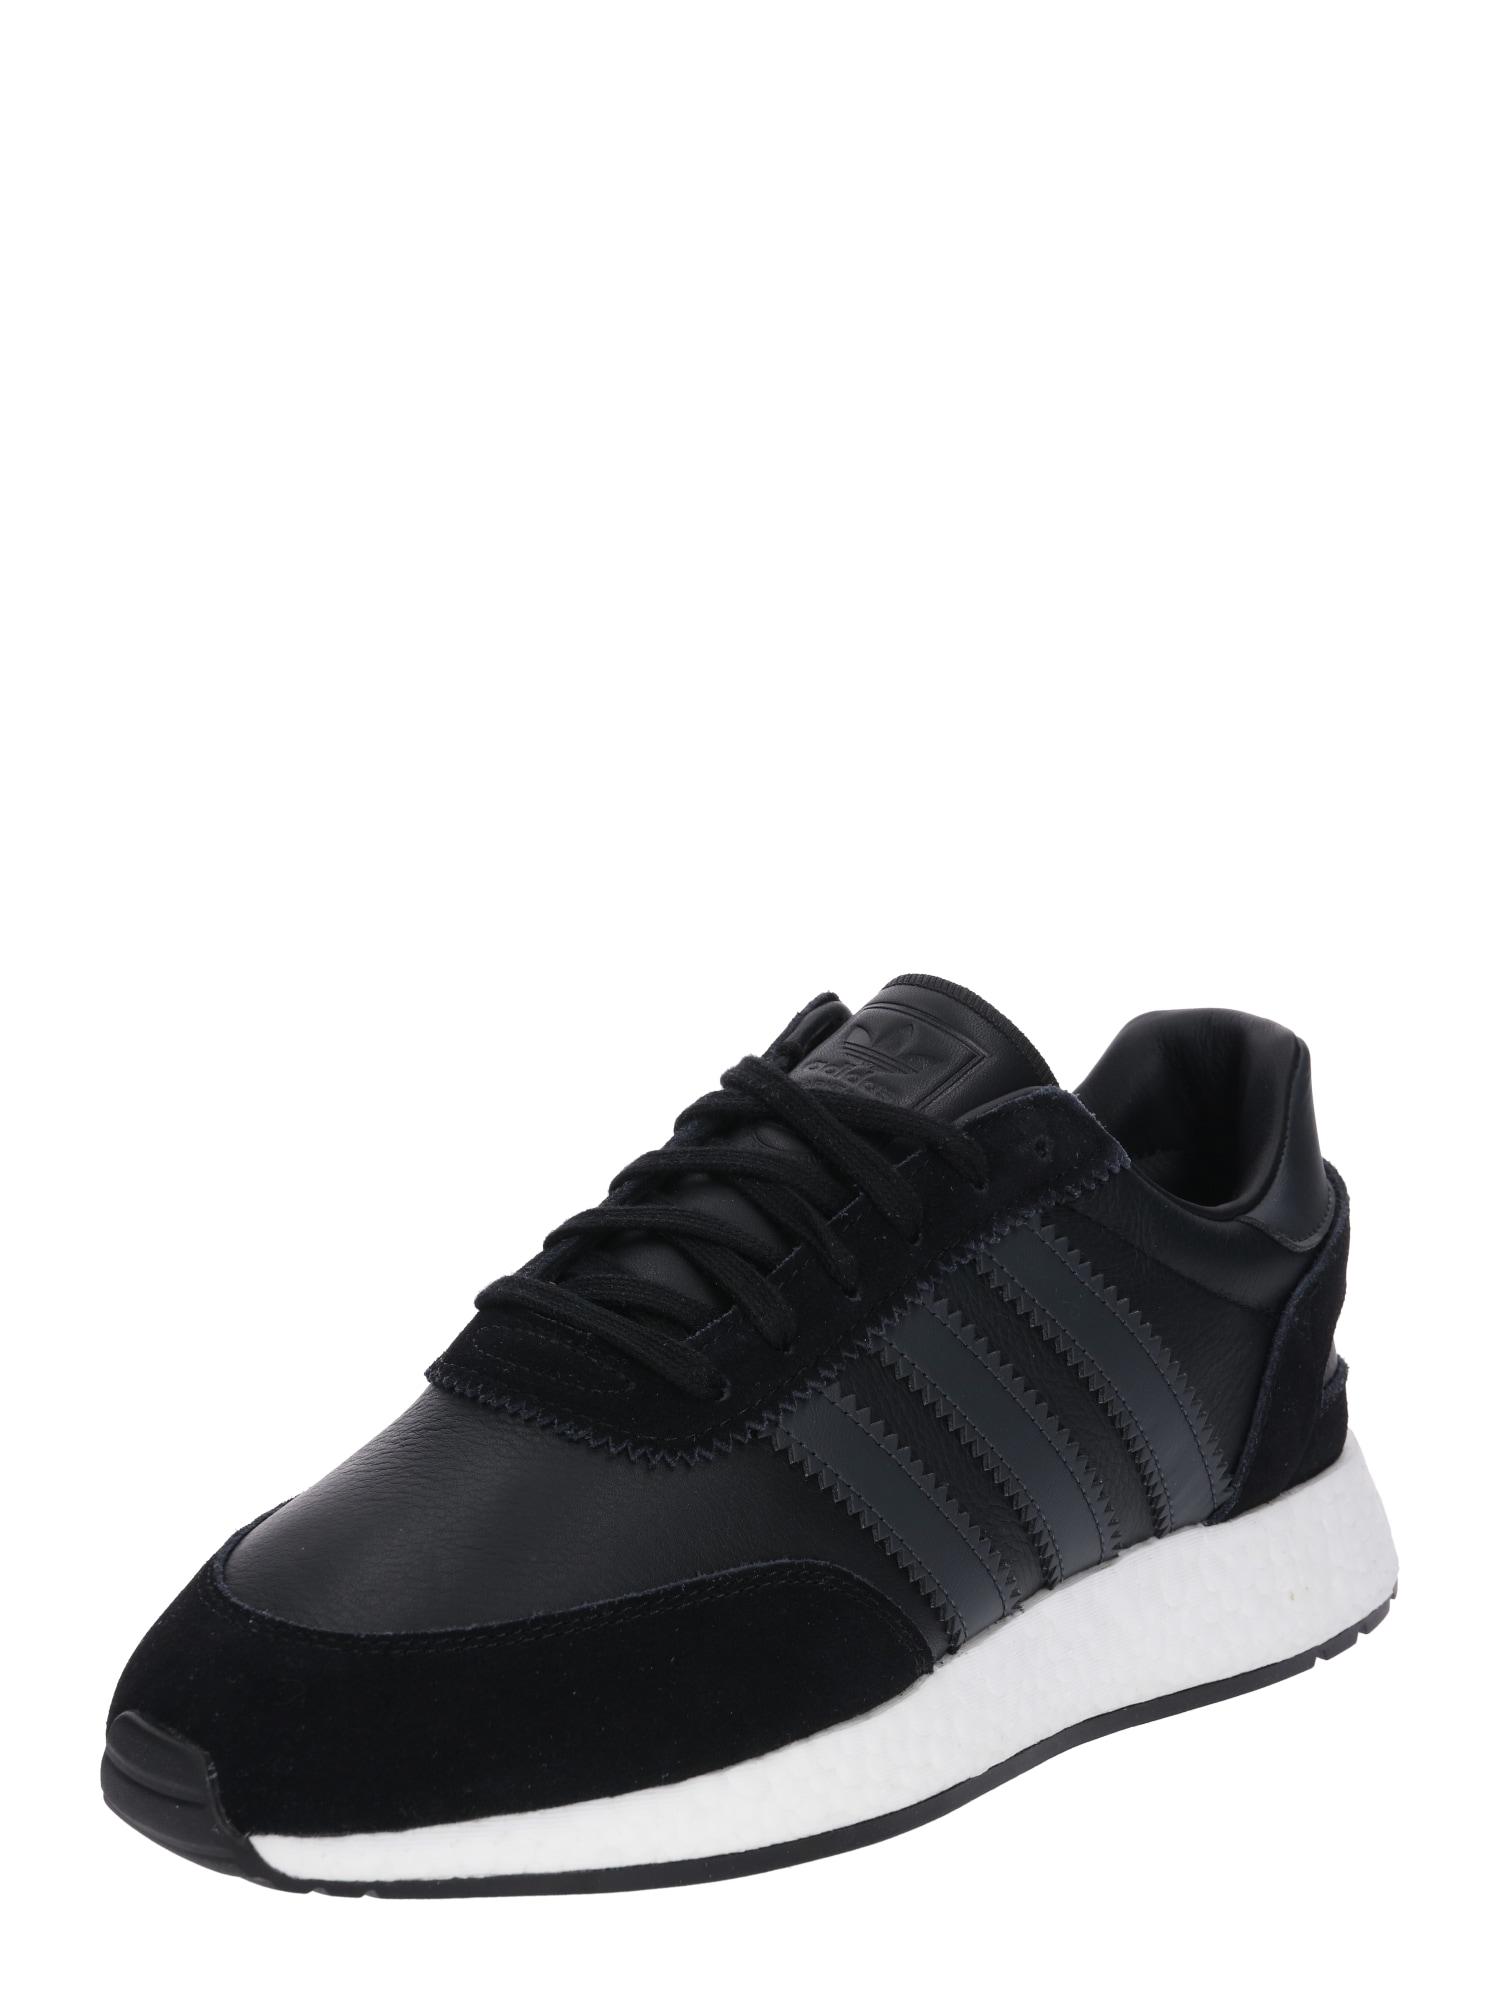 ADIDAS ORIGINALS, Heren Sneakers laag 'I-5923', zwart